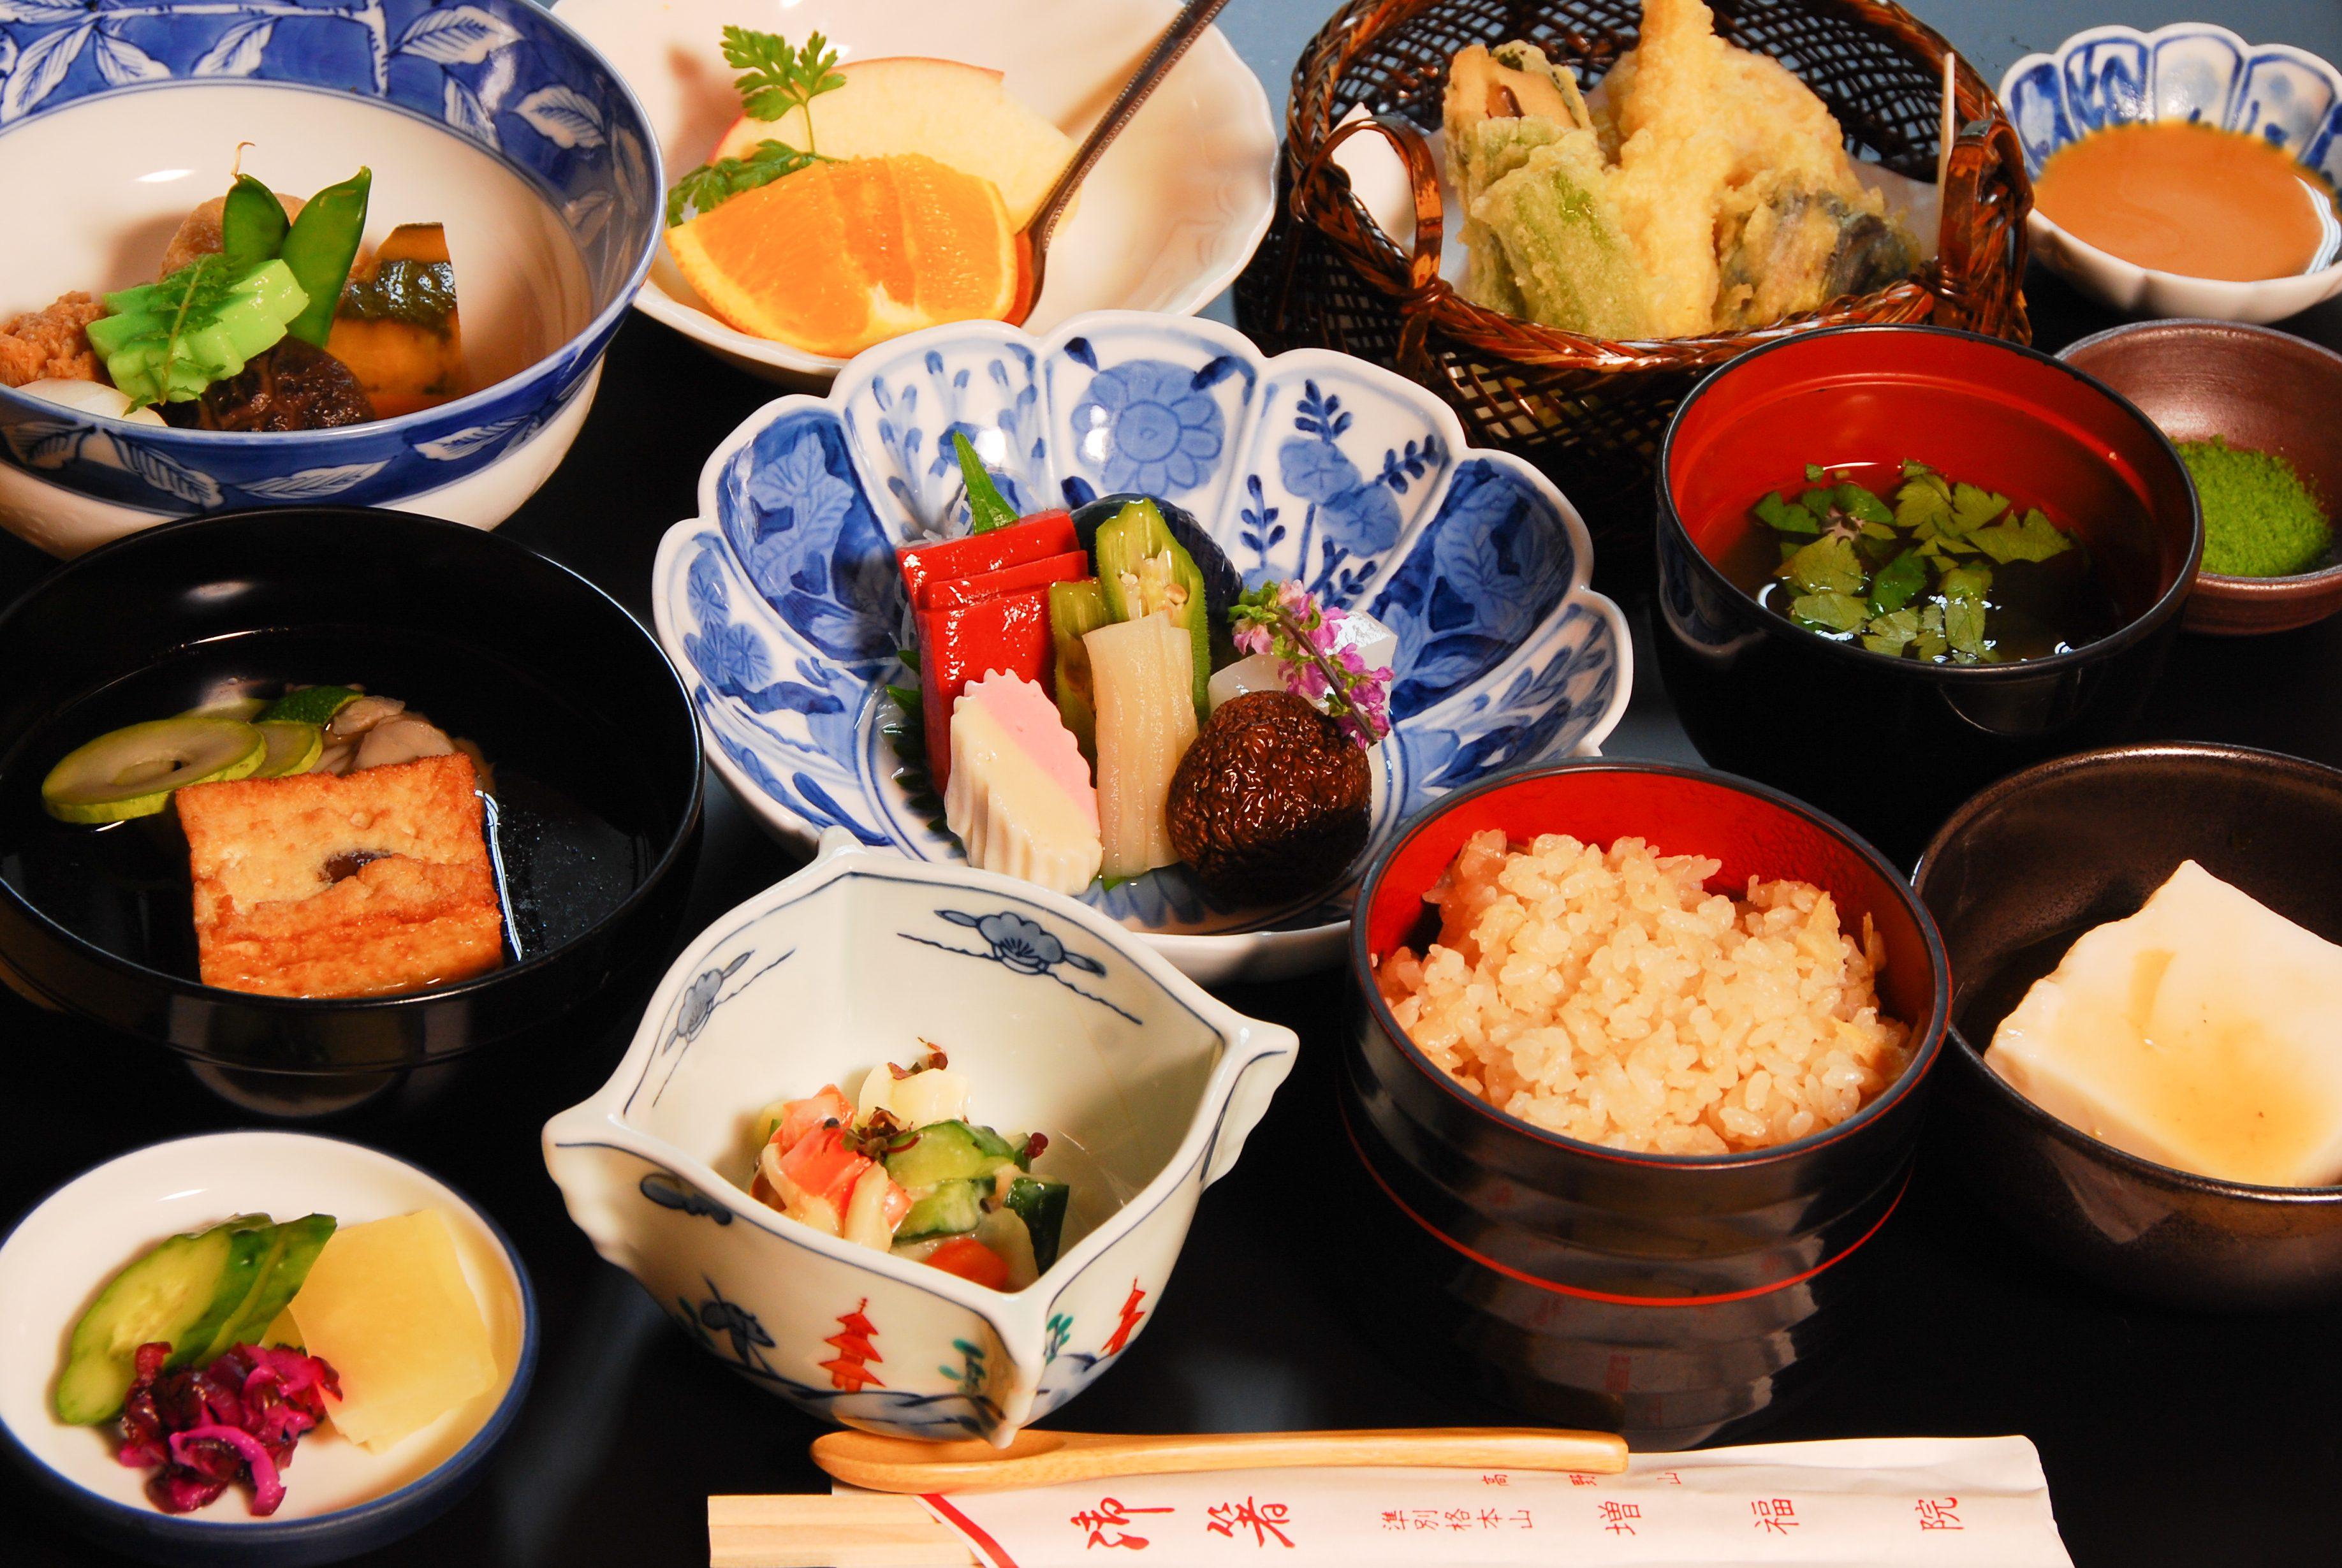 誰不愛隱藏版的美食 全球6座隱藏版美食城市低調公開